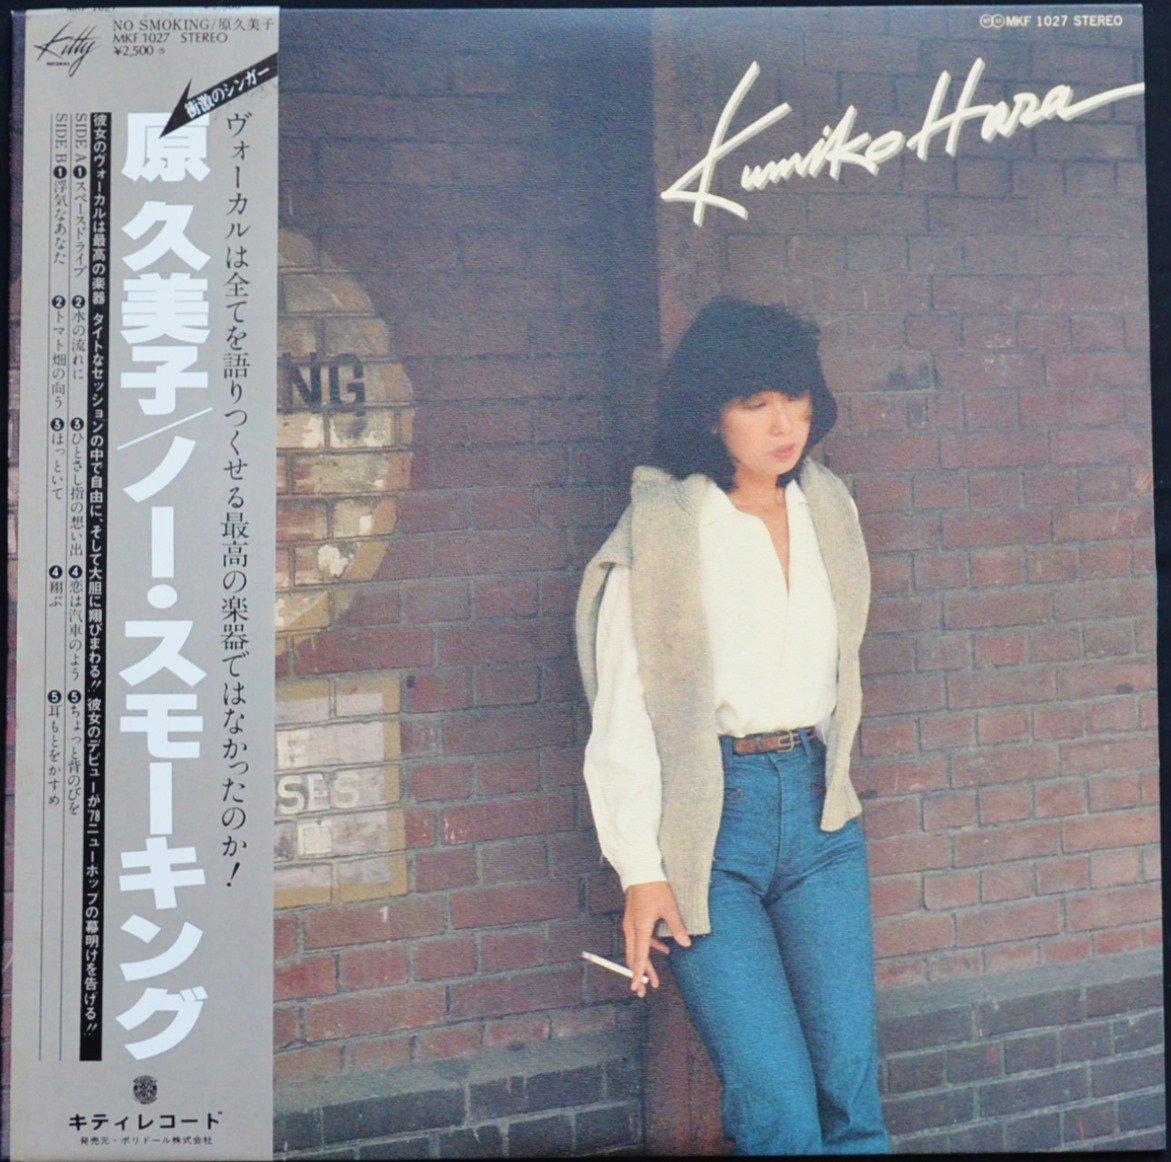 原久美子 KUMIKO HARA / ノー・スモーキング NO SMOKING (LP)